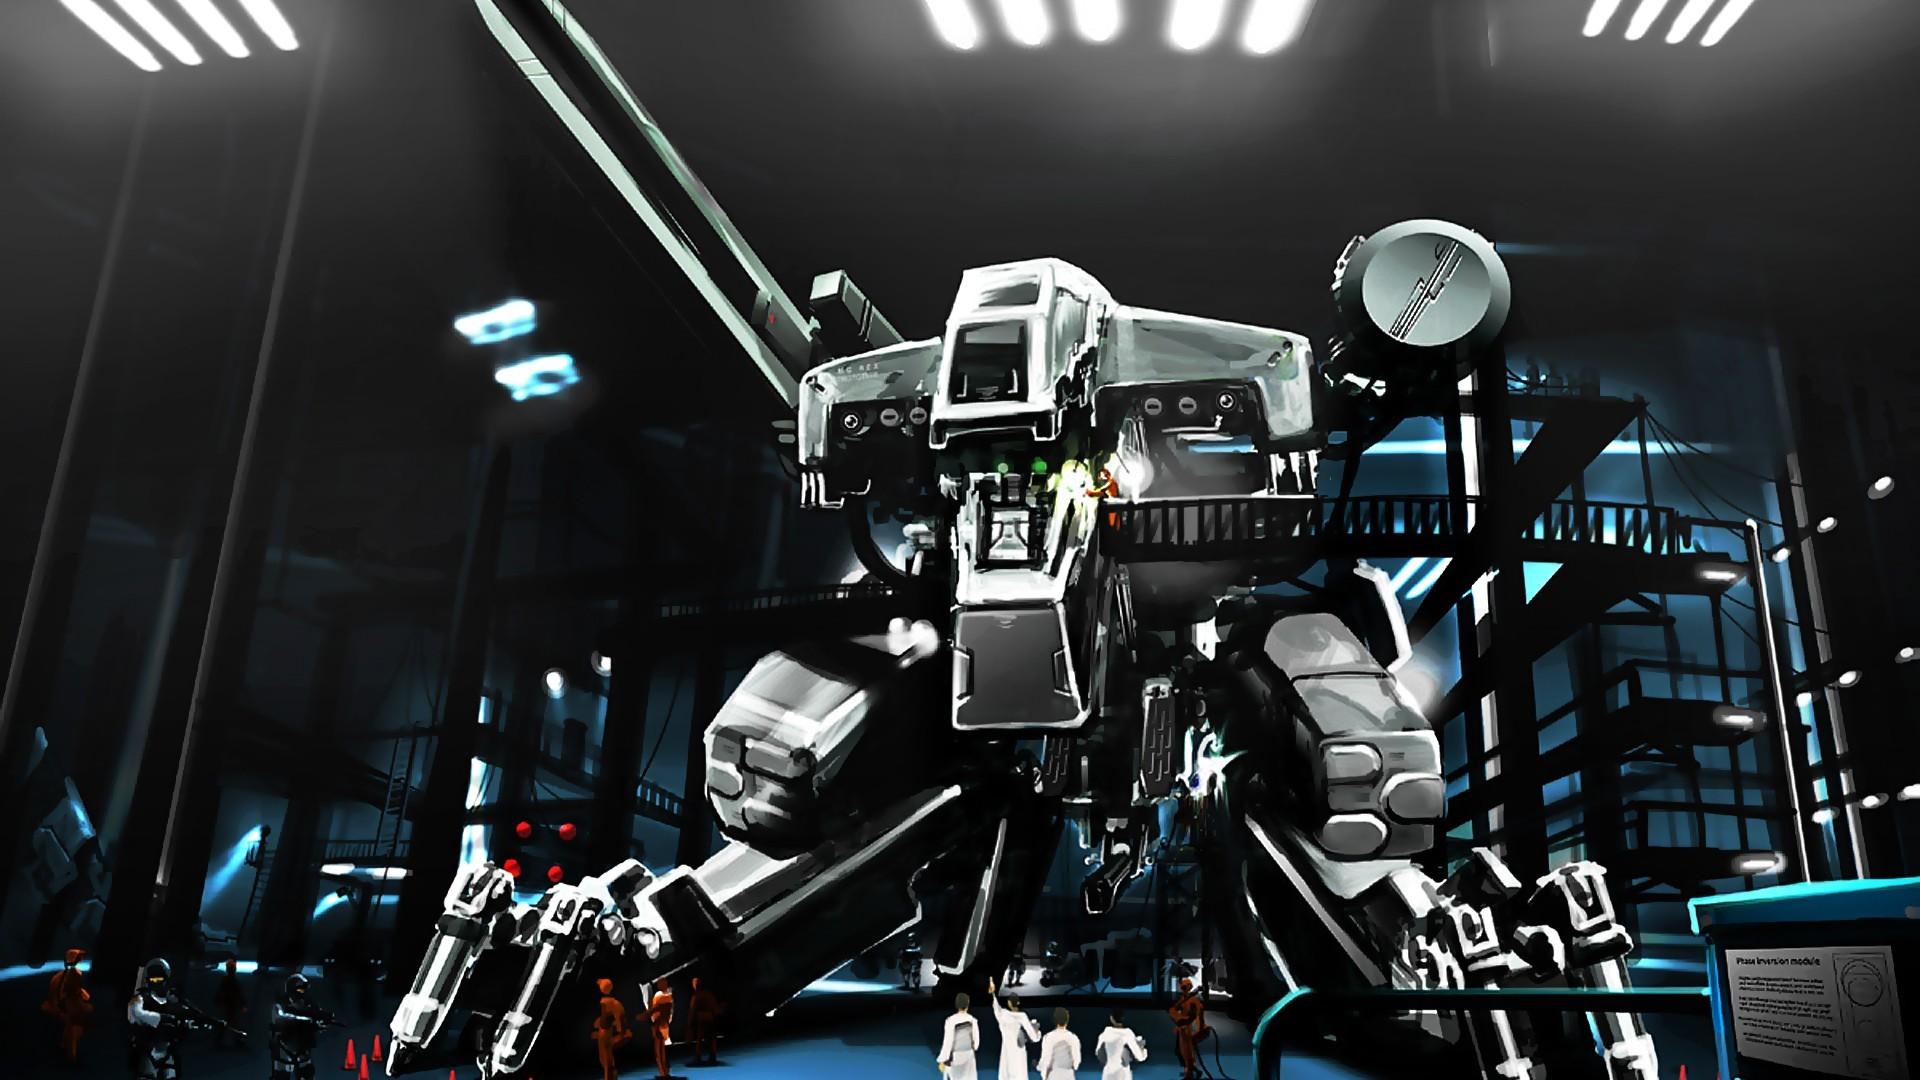 Metal Gear Rex, artwork, mech, robot, fantasy art, Metal Gear